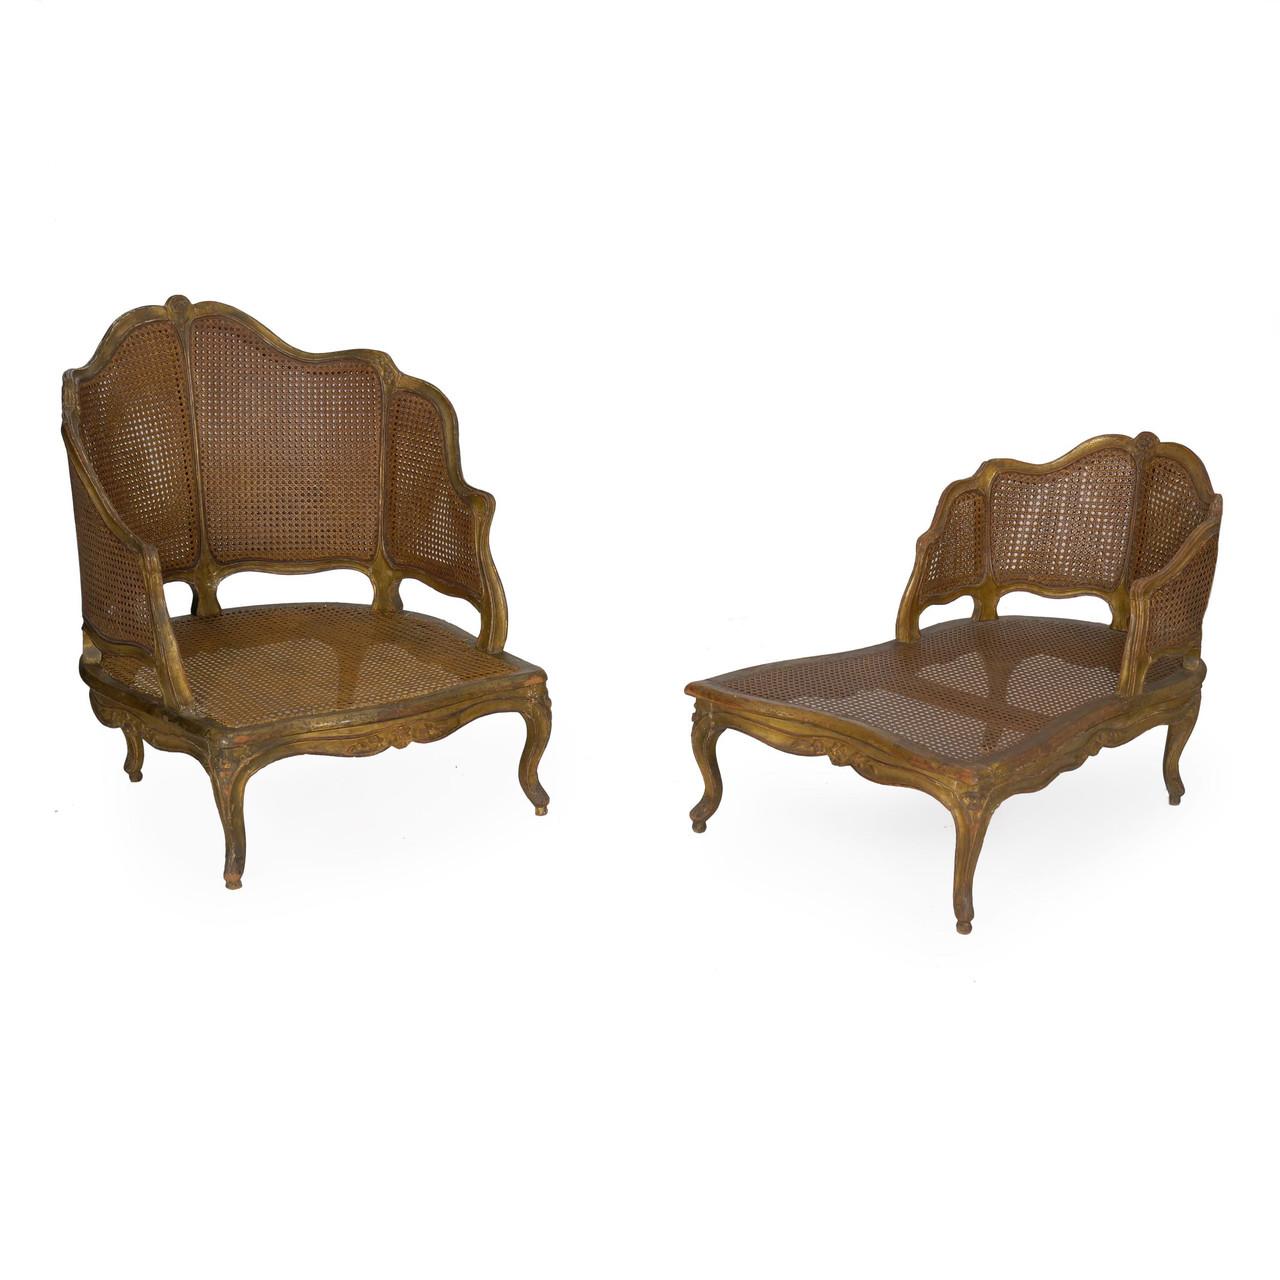 Chaise Style Art Nouveau louis xv style duchesse brisée chaise longue | french, 19th century